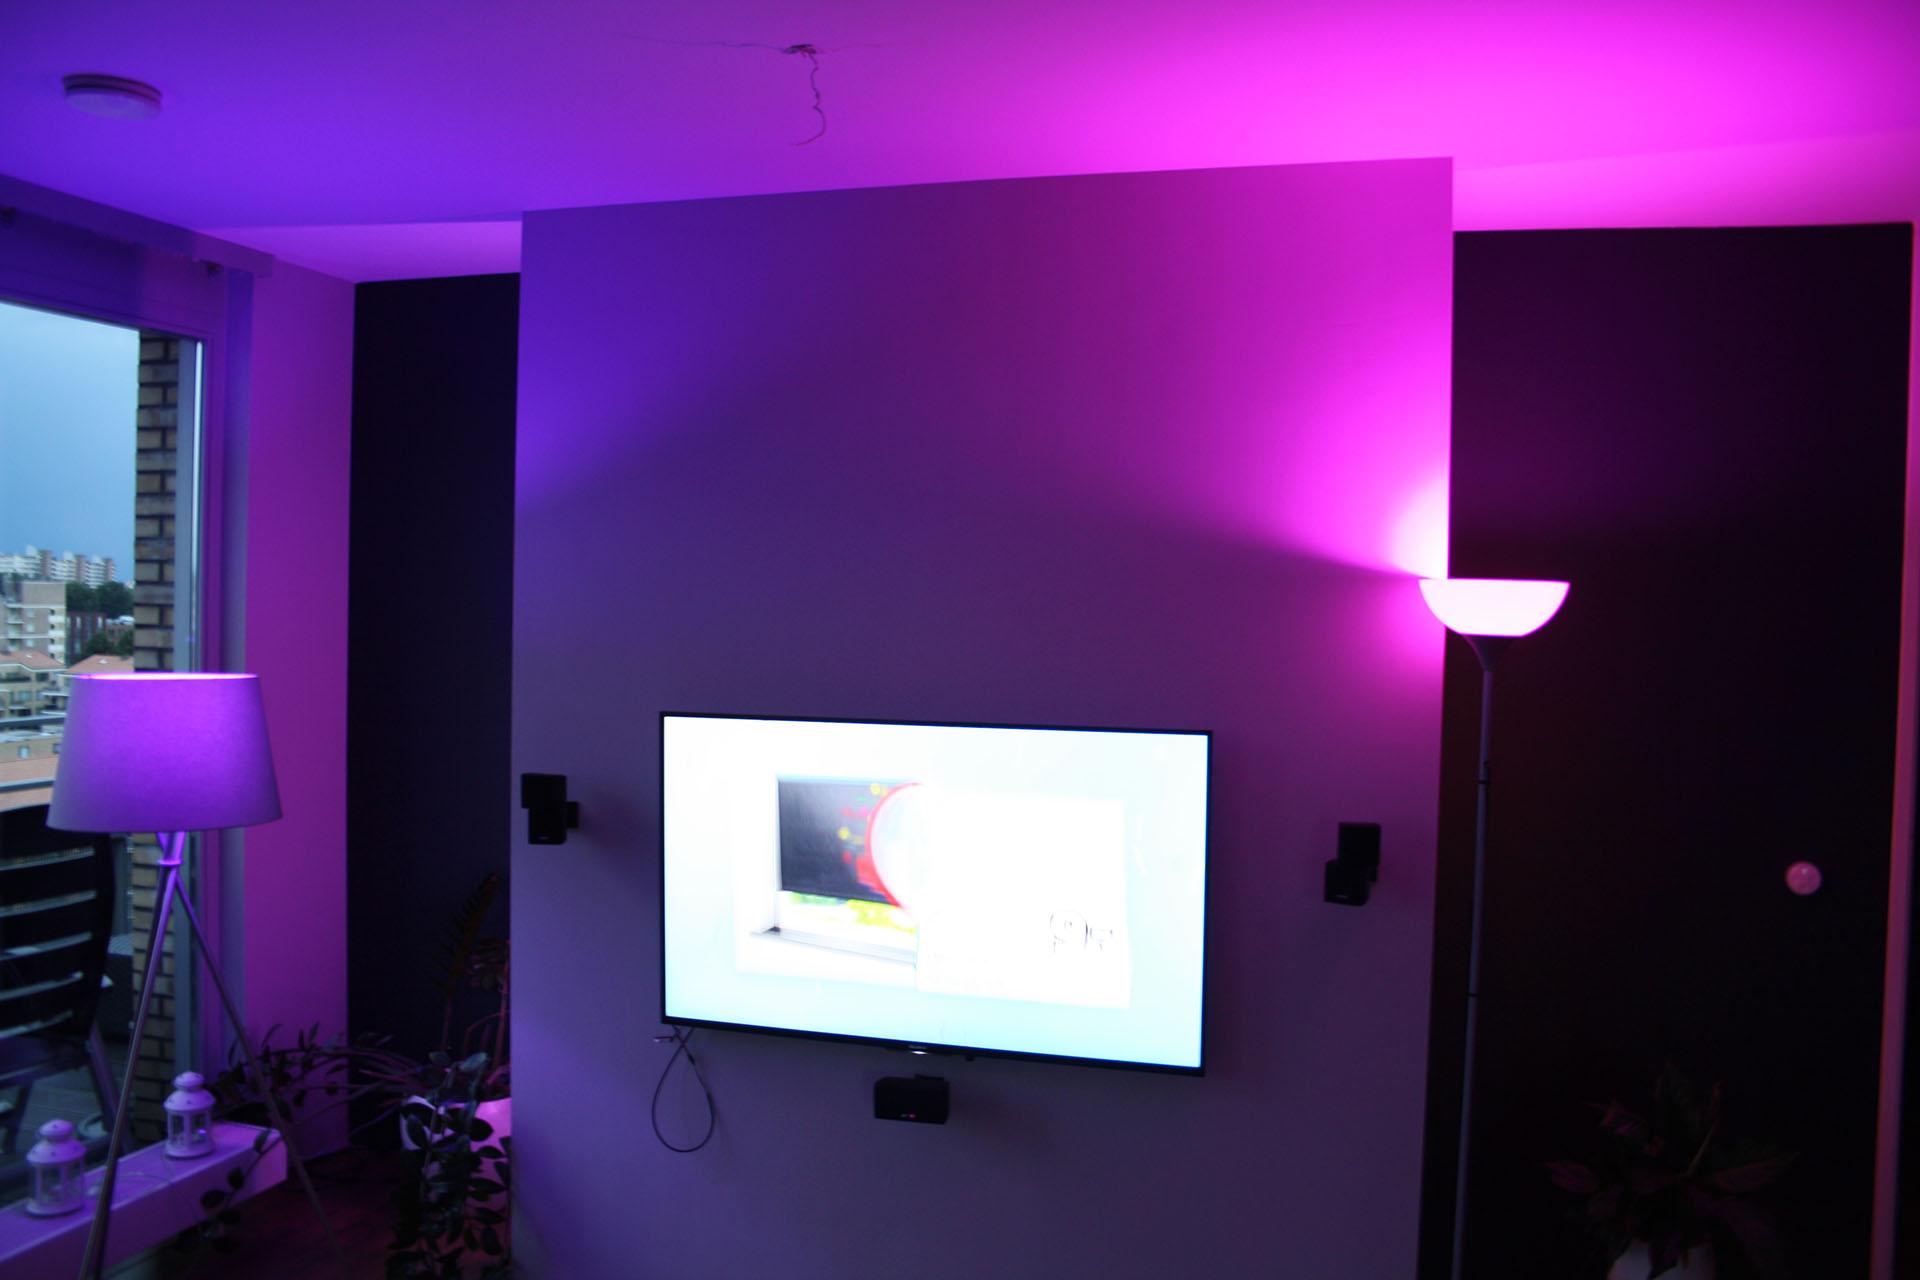 Verlichting in kleur philips hue domotica center